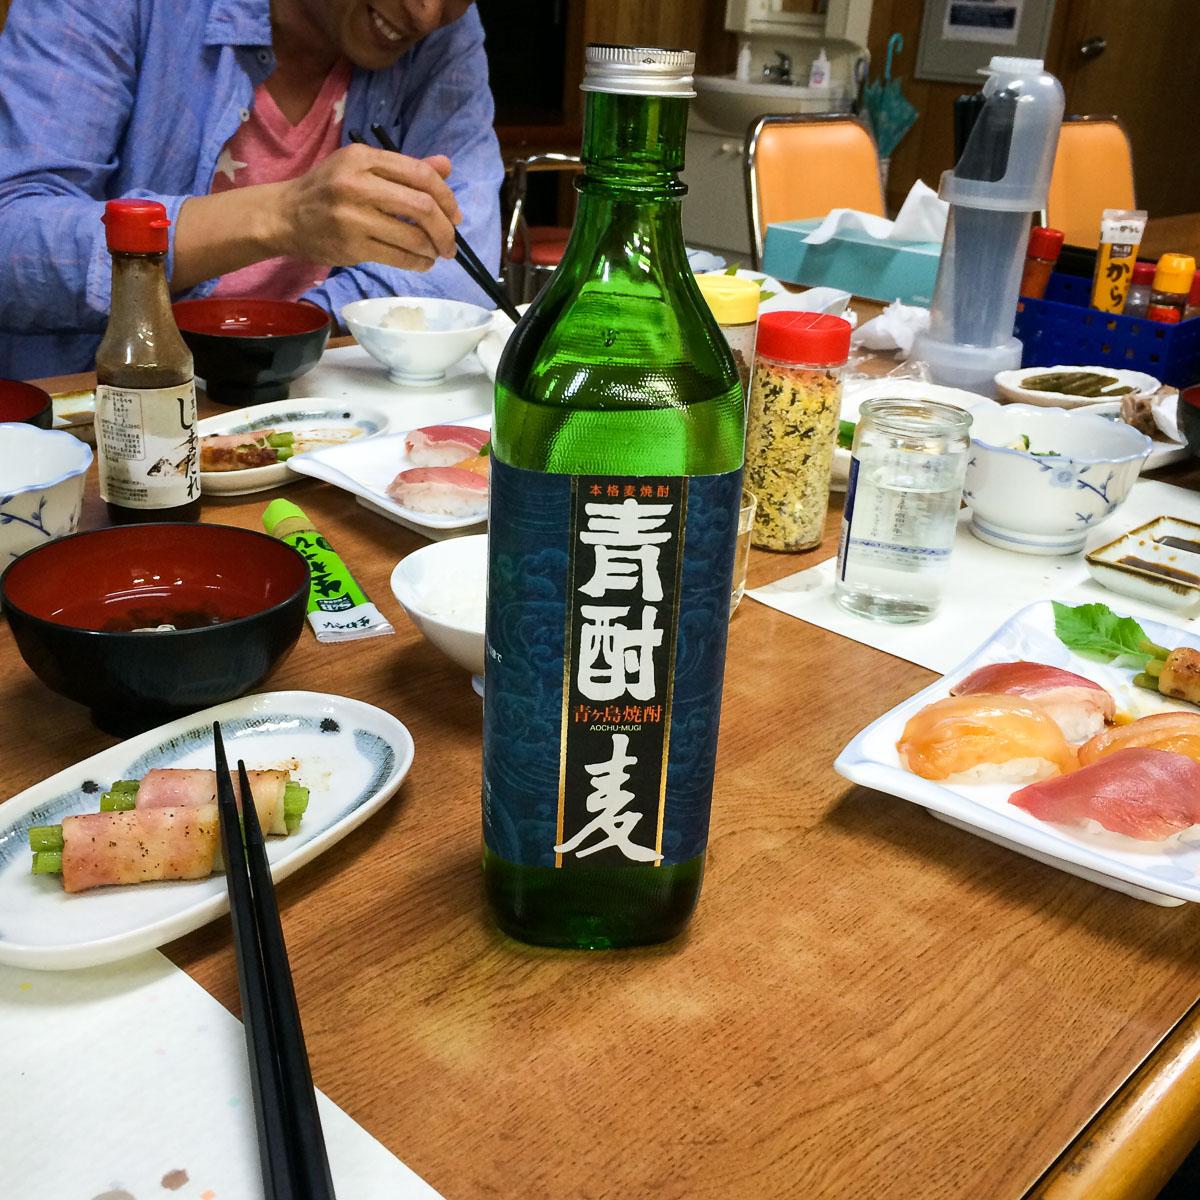 hachijojima-island-japan-20